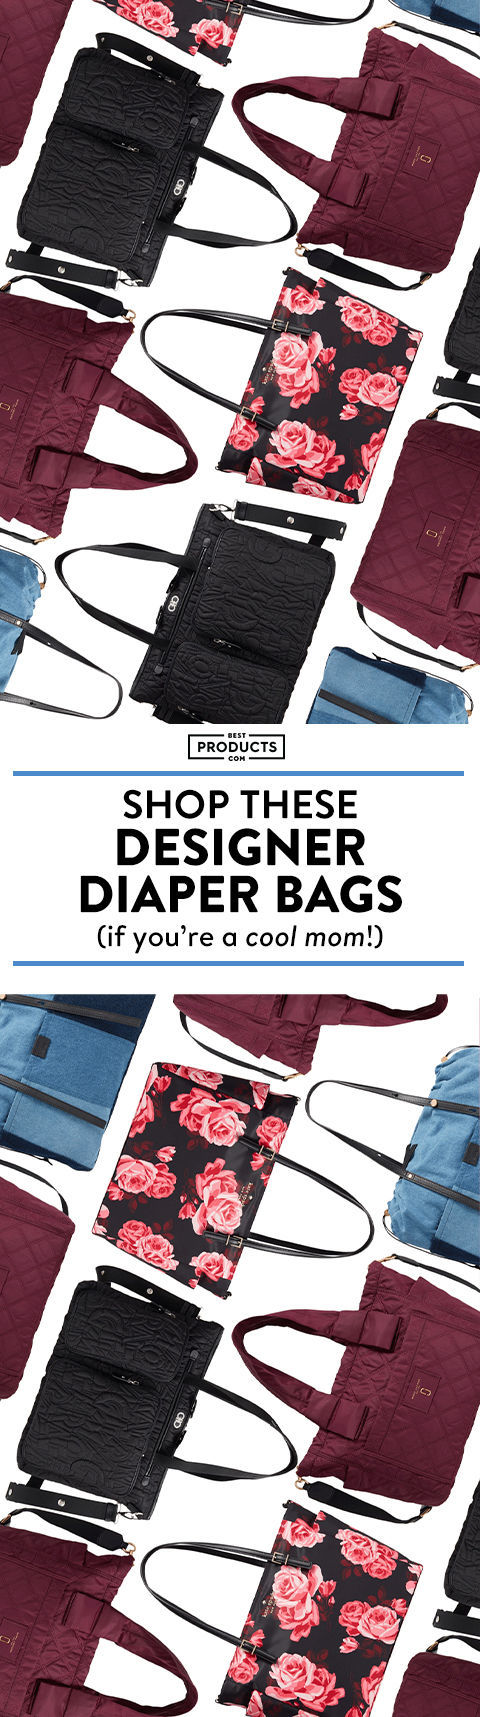 designer diaper bags tory burch 38mq  10 Best Designer Diaper Bags for 2017